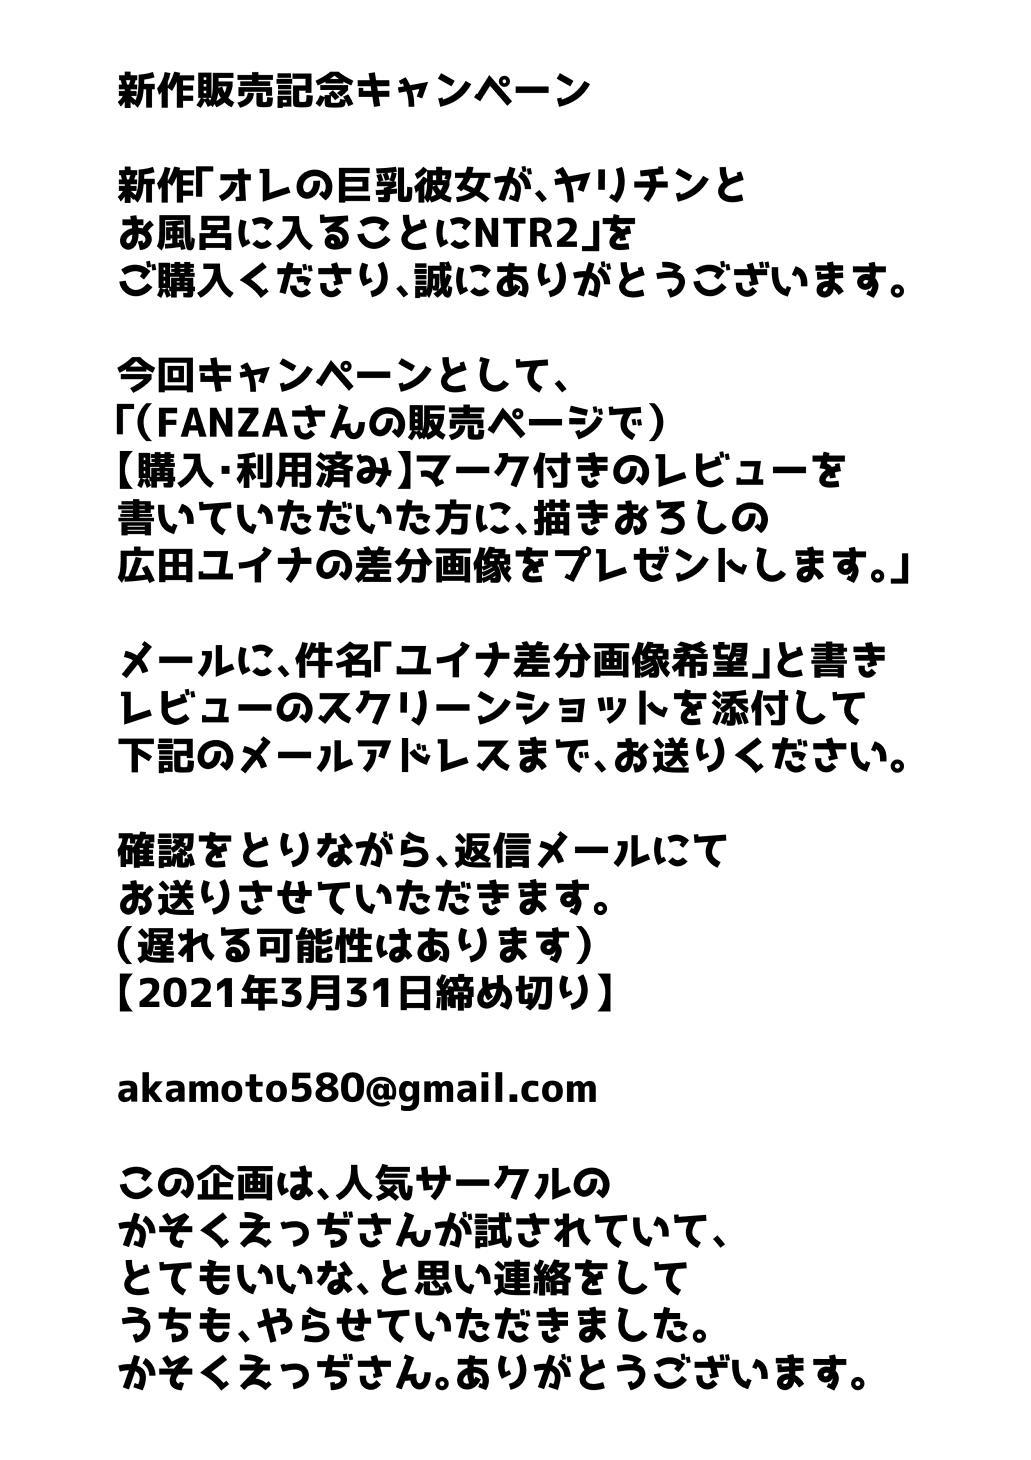 Ore no Kyonyuu Kanojo ga, Yarichin to Ofuro ni Hairu Koto ni NTR 2 | My big boobs girlfriend is take a shower with playboy NTR 2 105